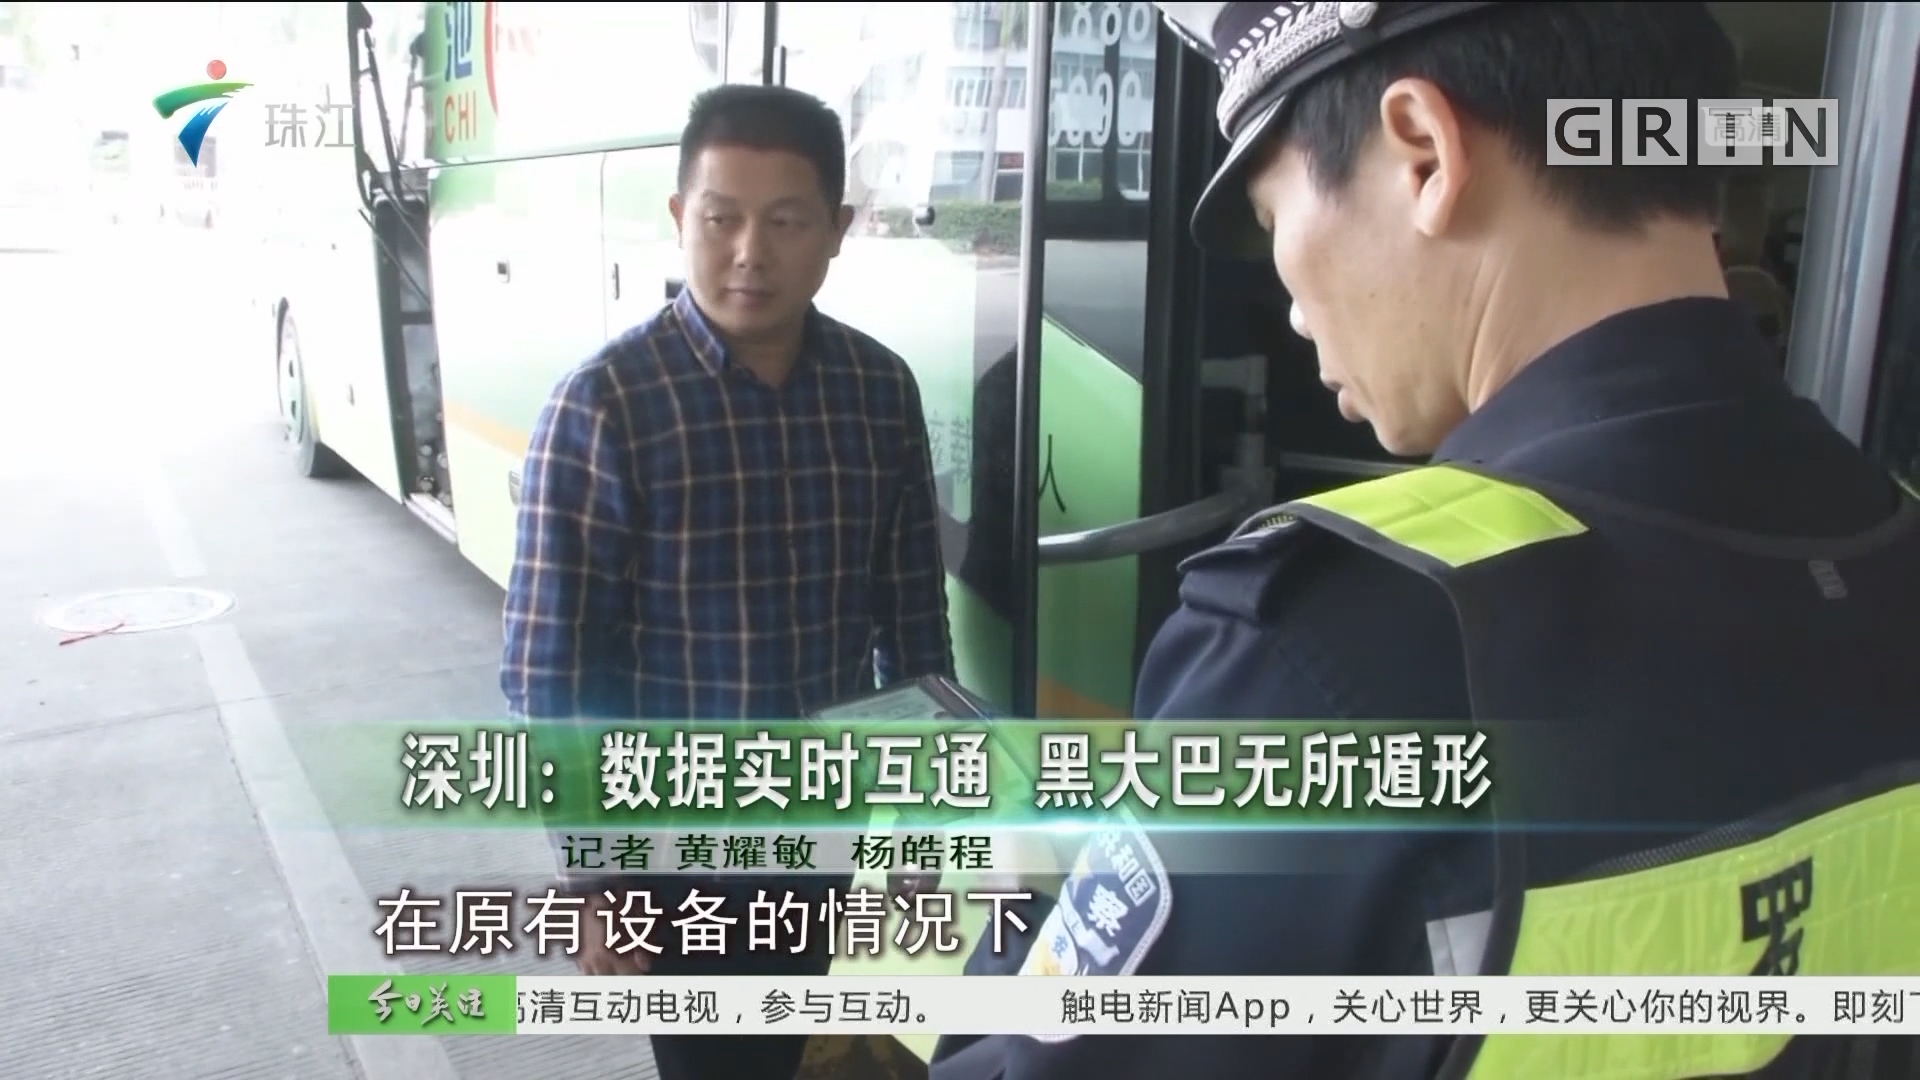 深圳:数据实时互通 黑大巴无所遁形